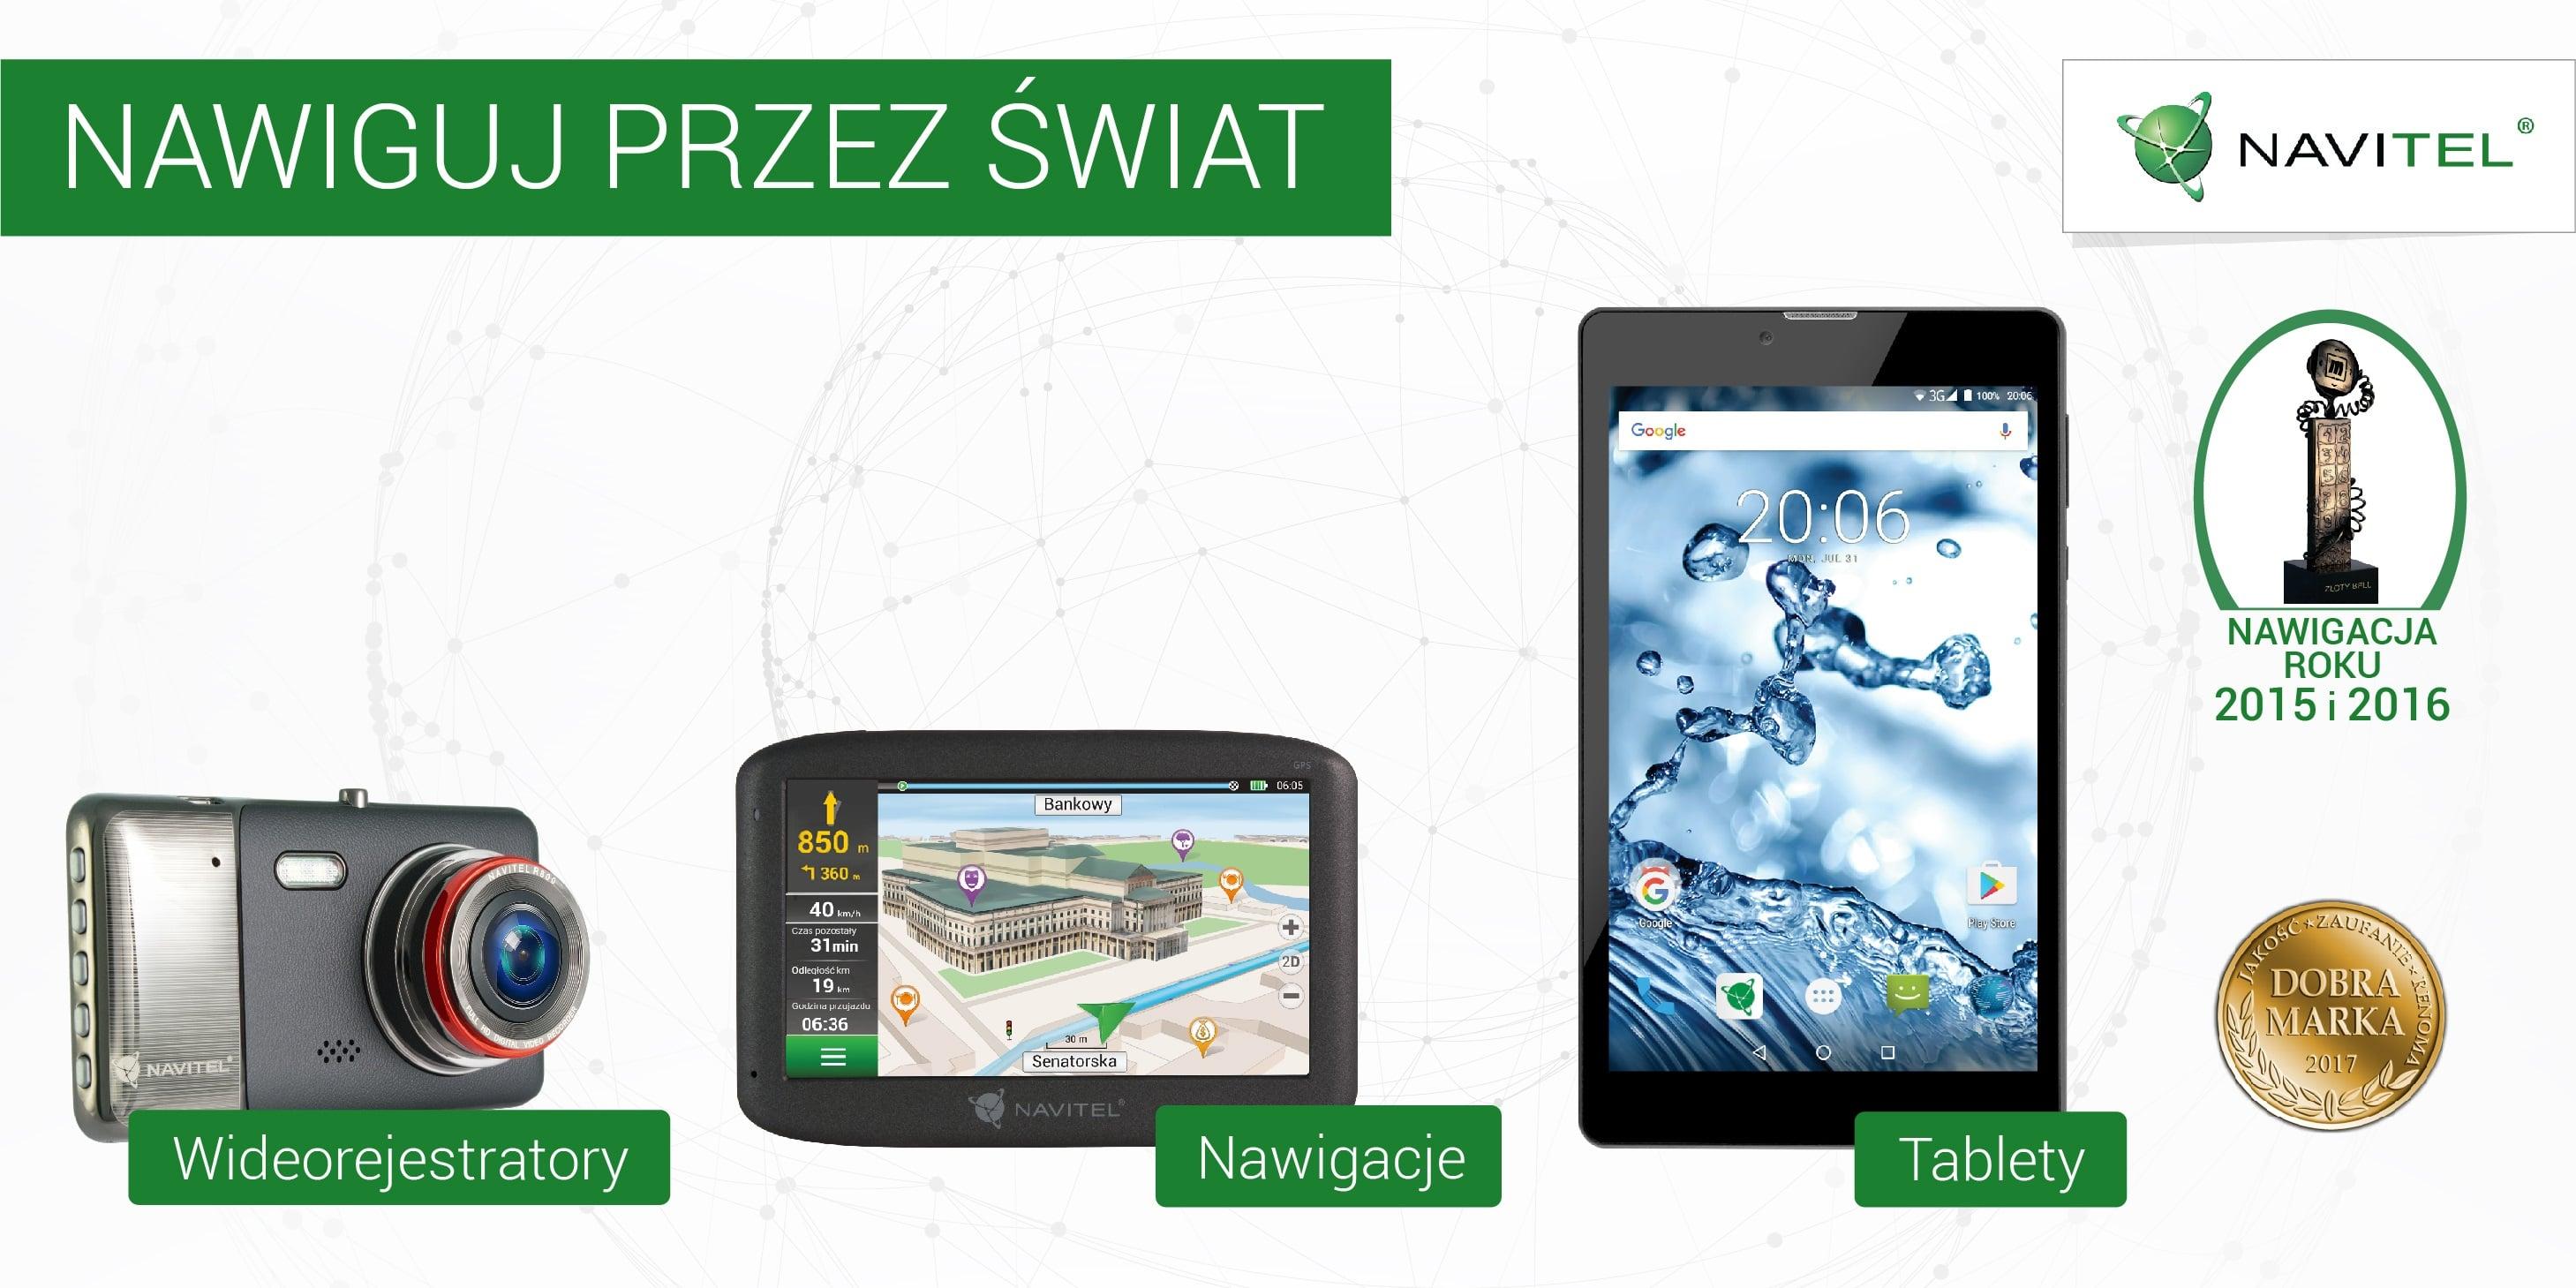 Tabletowo.pl NAVITEL prężnie rozwija się na polskim rynku. Firma rozszerza portfolio i sprzedaje coraz więcej urządzeń Raporty/Statystyki